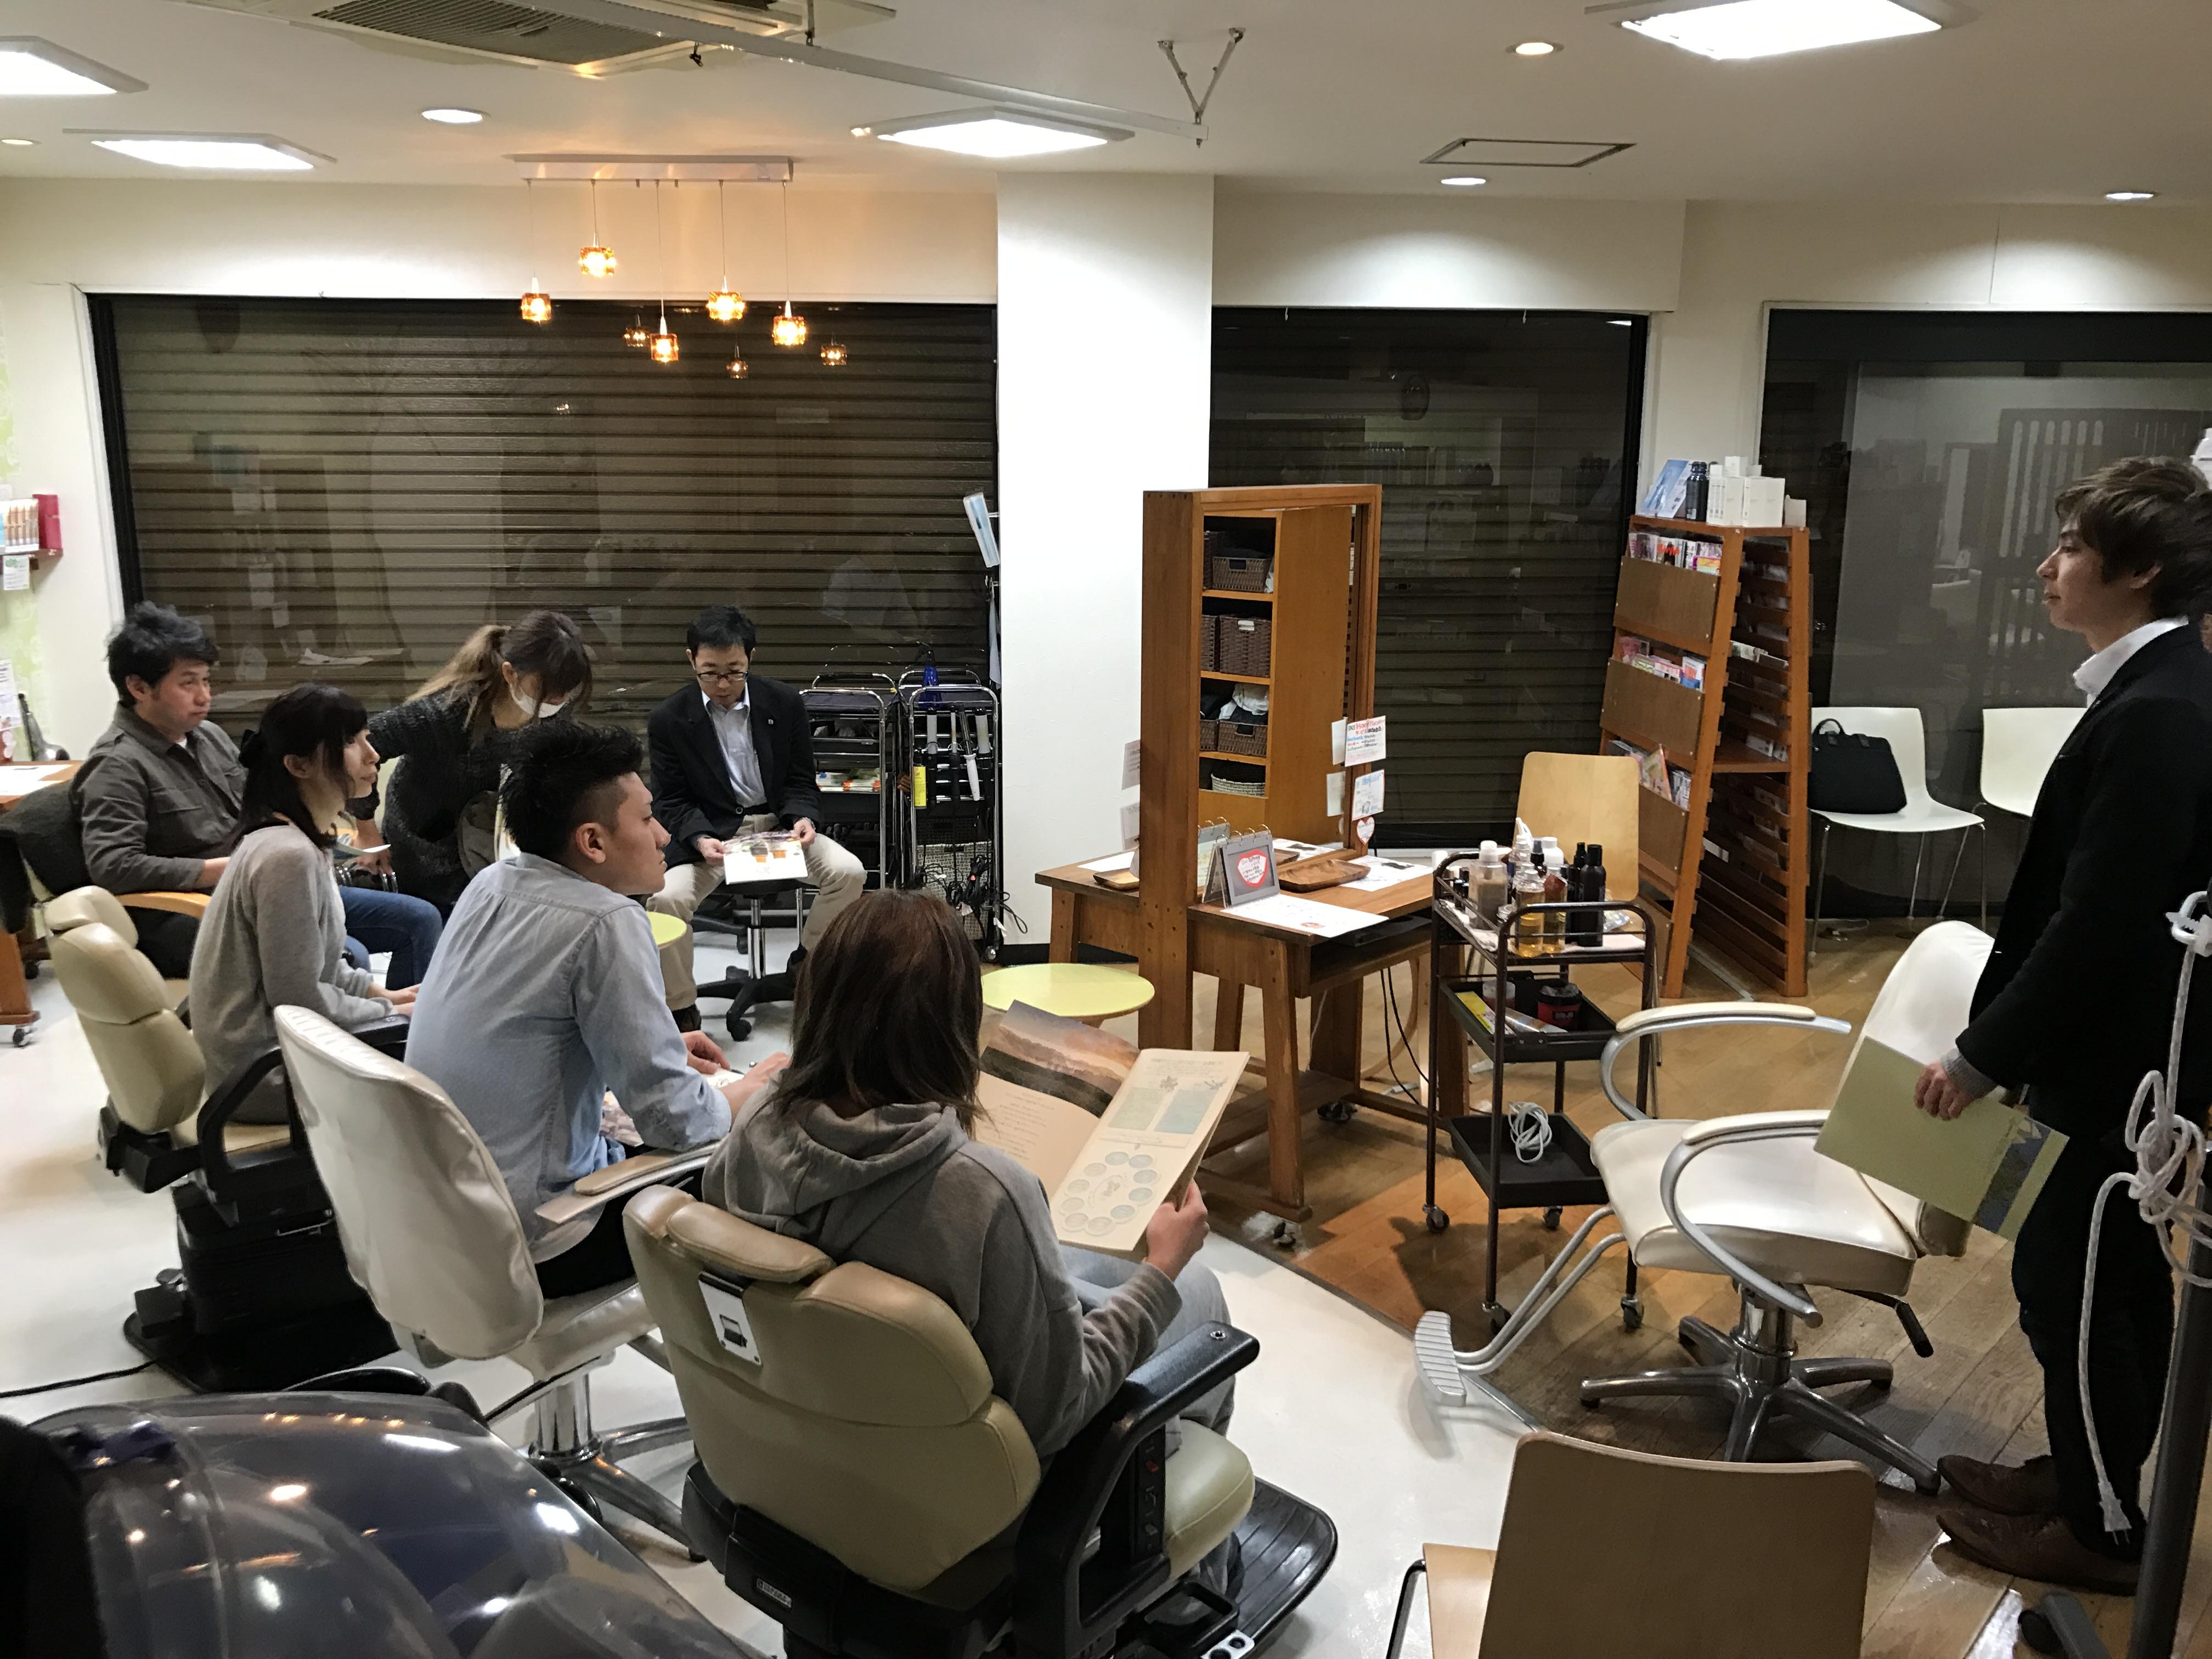 成田・富里のヘアサロン・美容院・美容室エムズハウスのブランドを創る努力をしています。